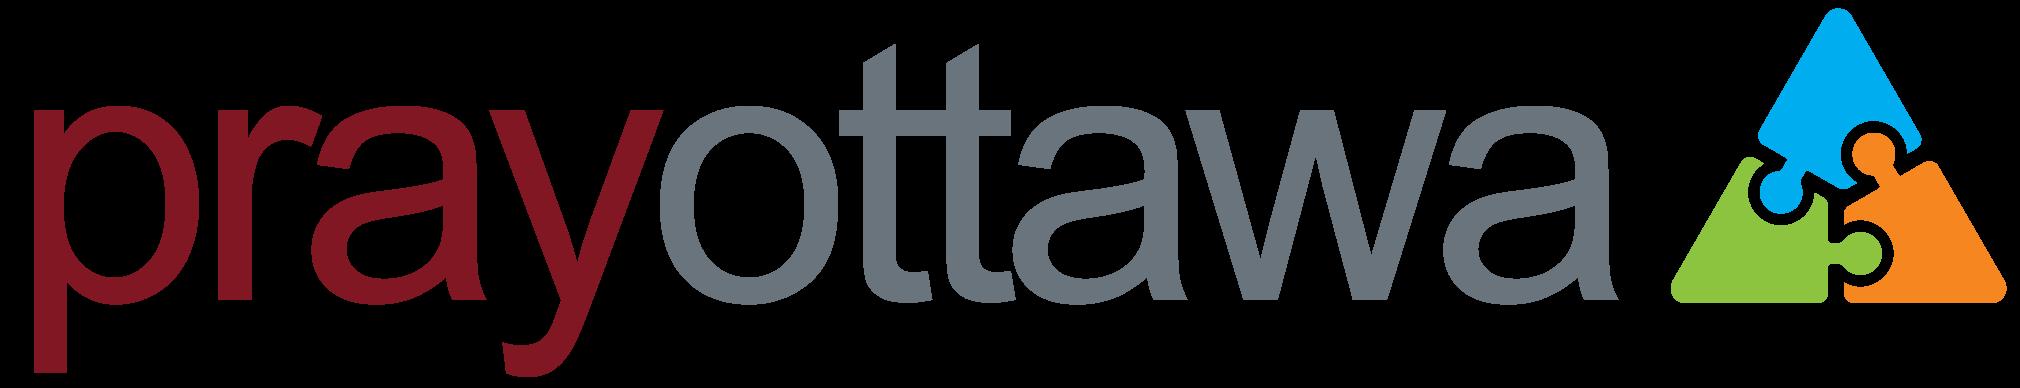 Pray Ottawa